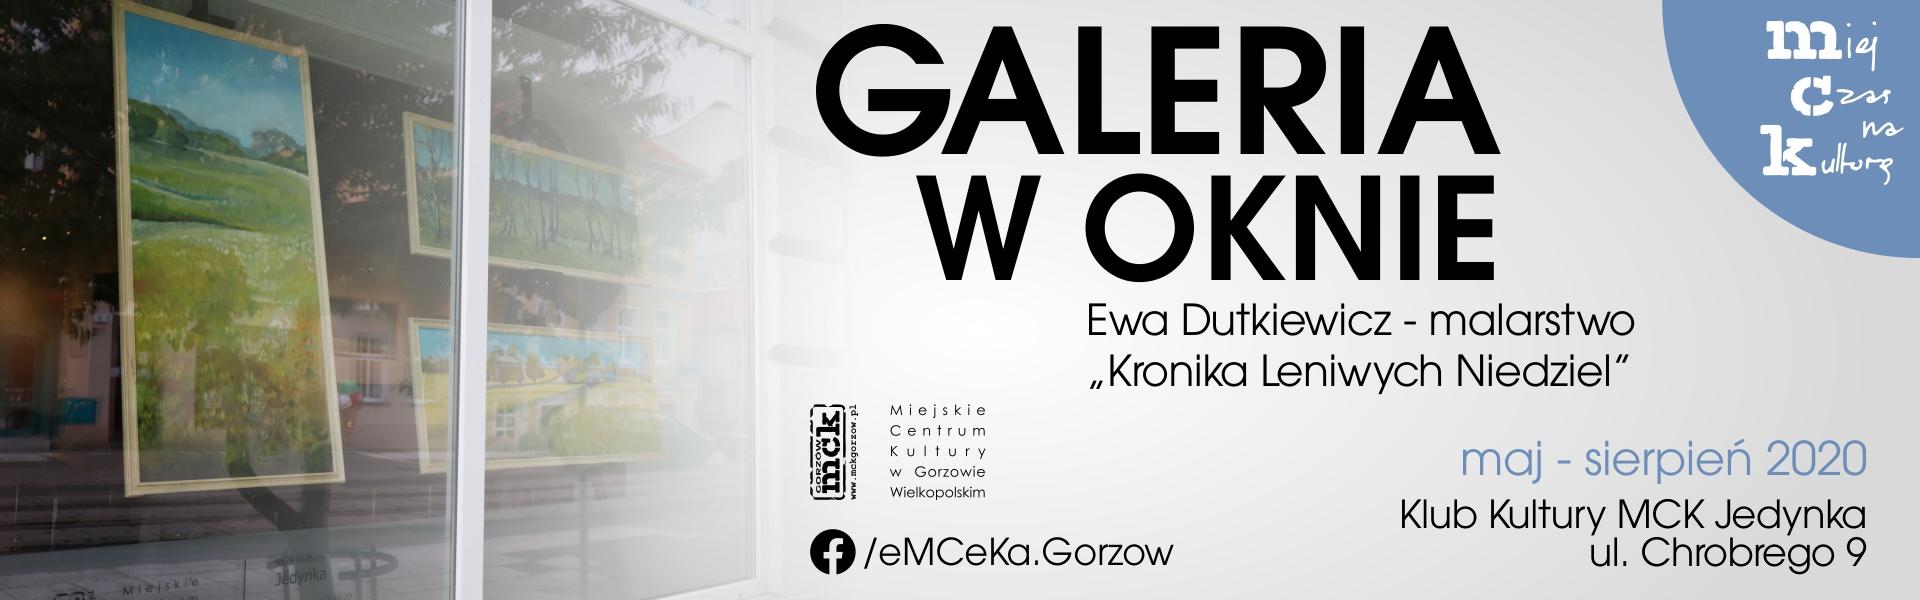 Galeria w oknie - Klub Kultury MCK Jedynka